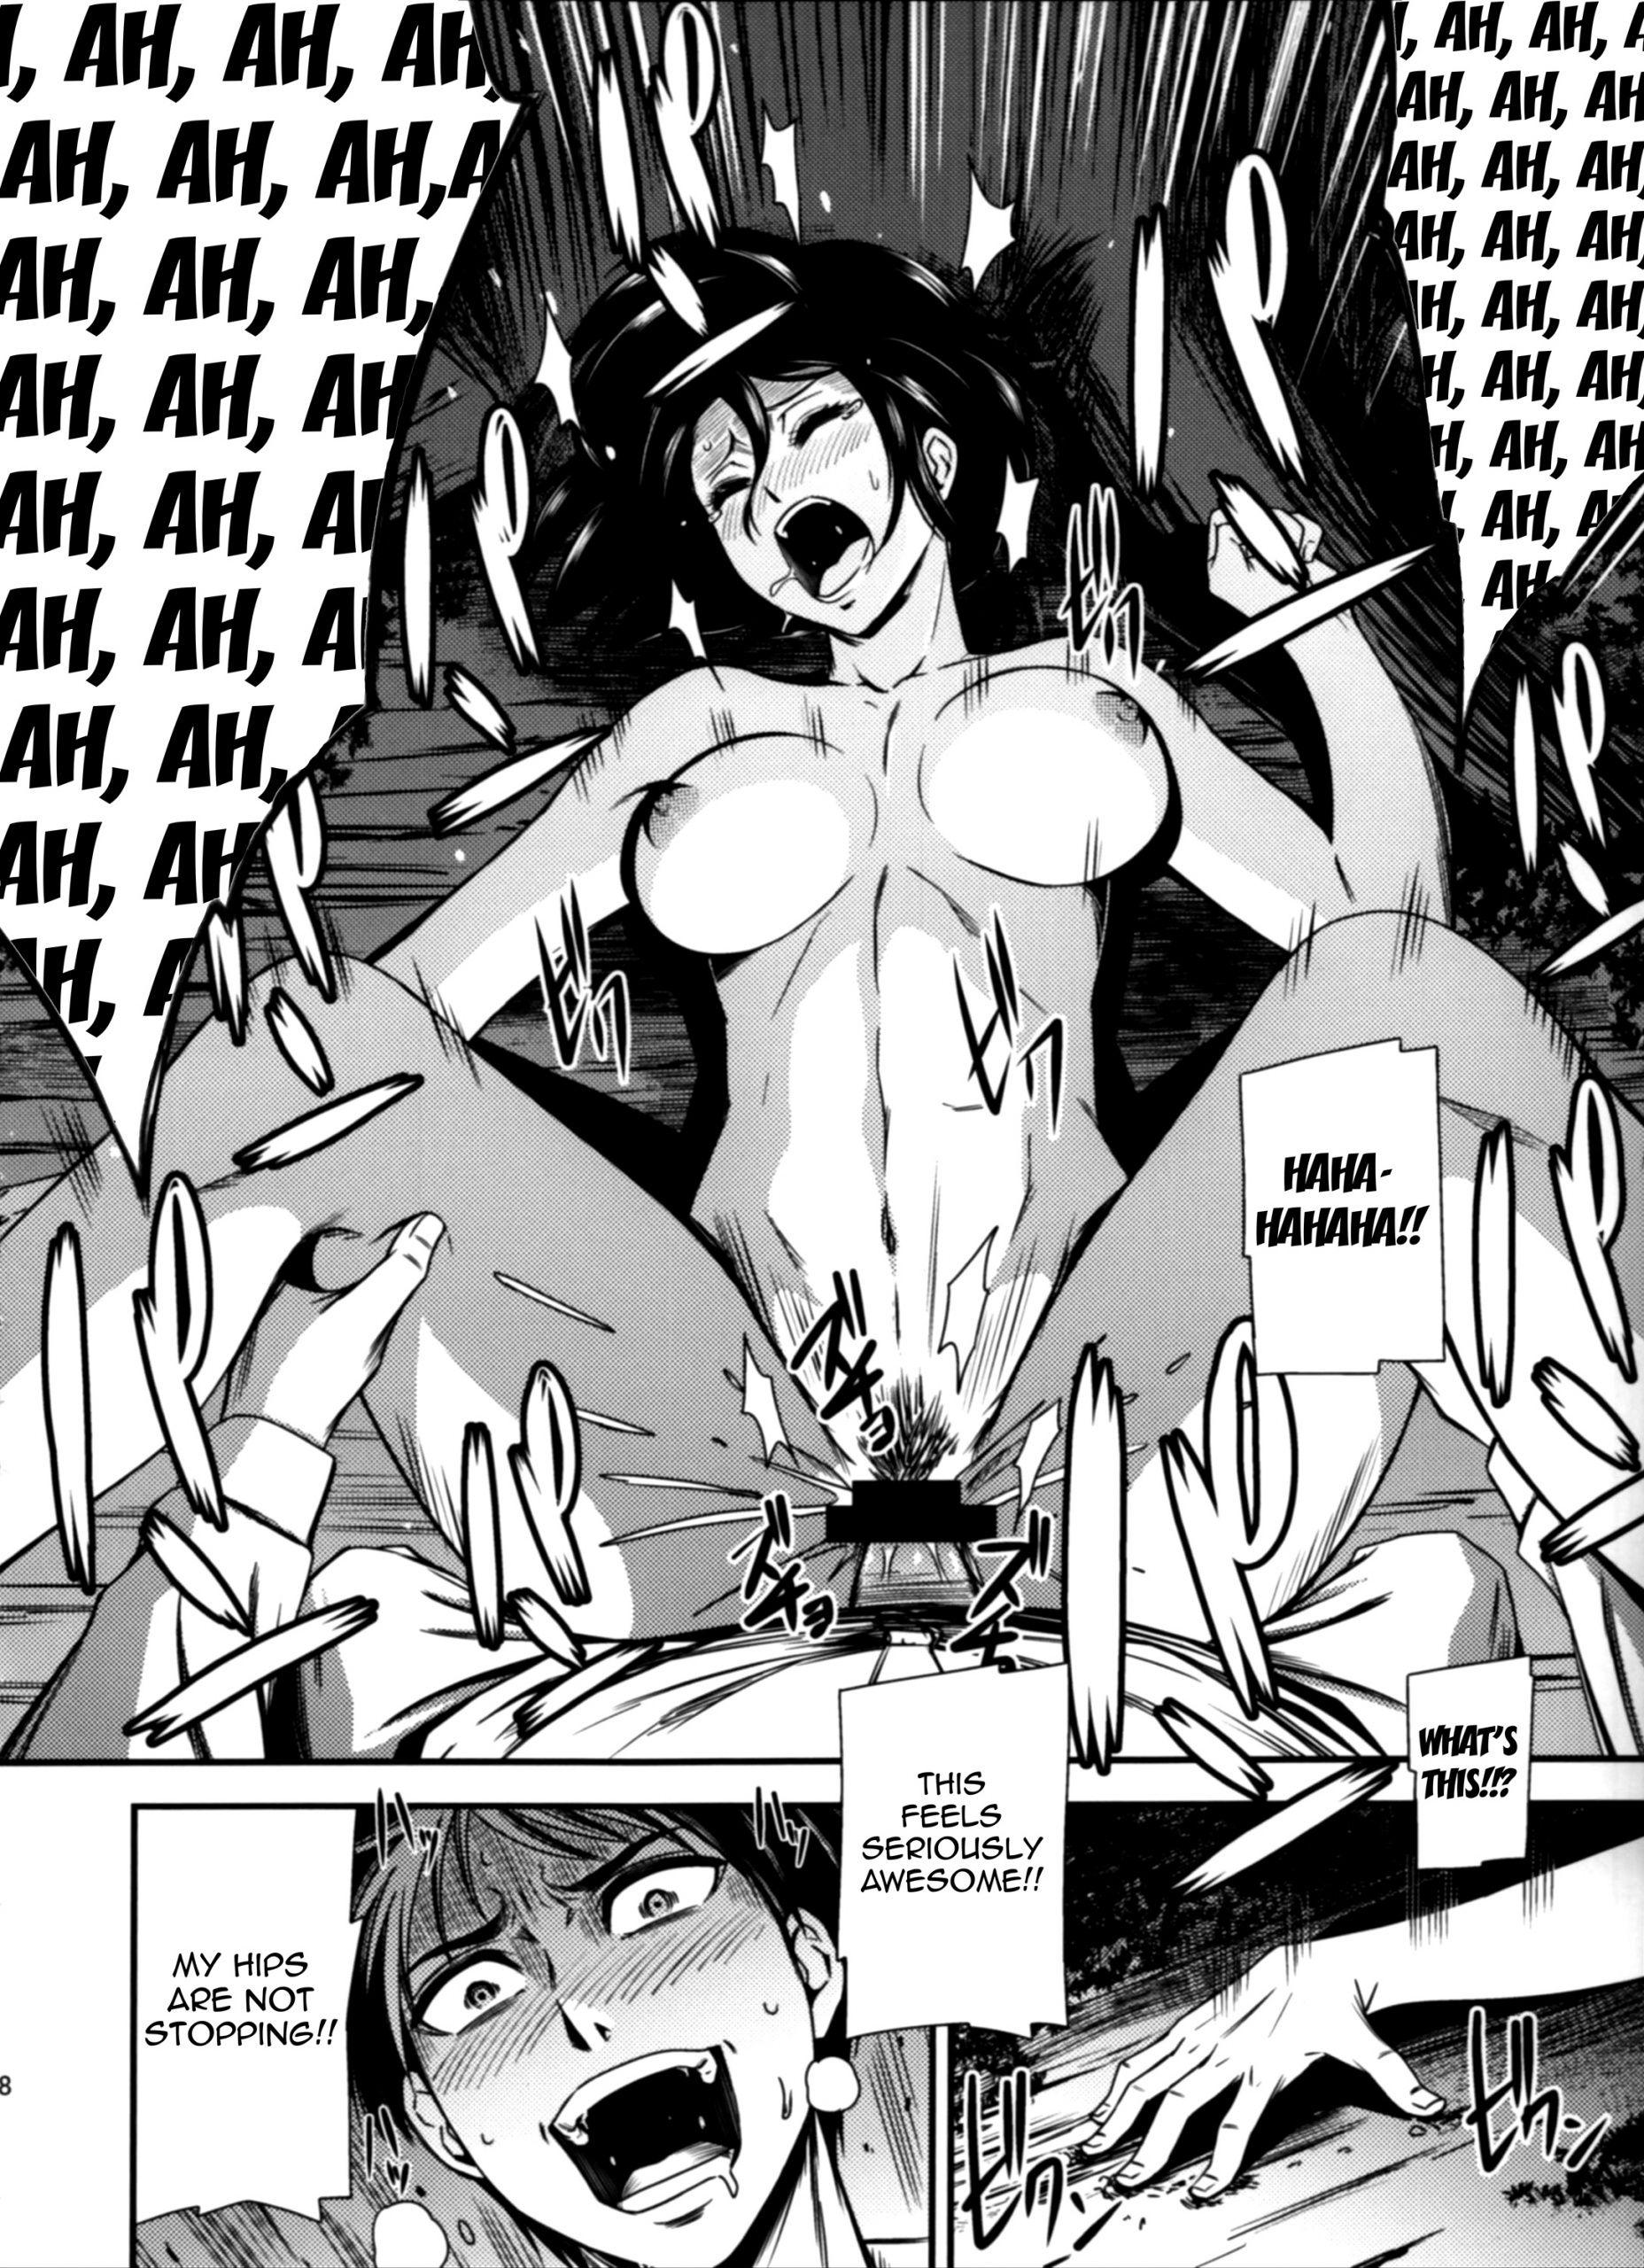 Gekishin yon hentai manga picture 29